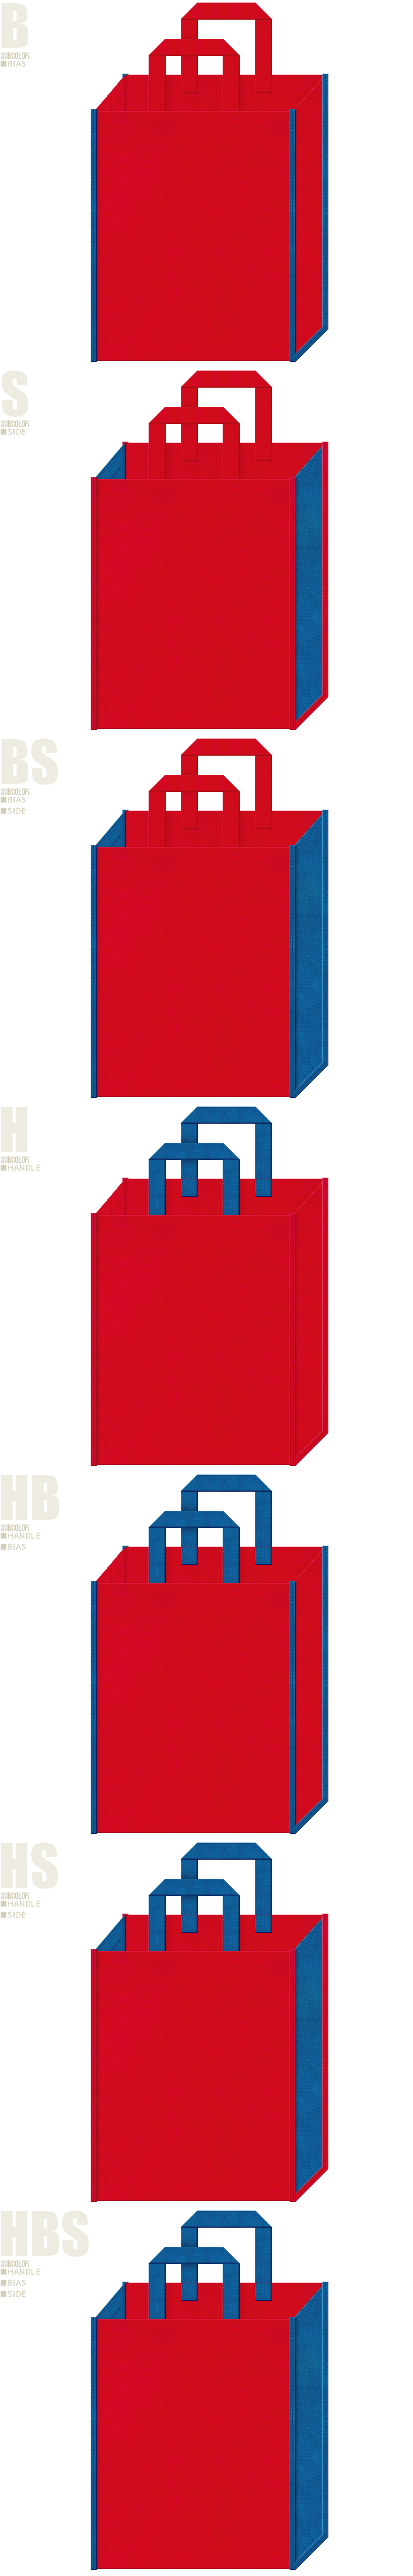 不織布トートバッグのデザイン:不織布カラーNo.35ワインレッドとNo.28スポルトブルーの組み合わせ